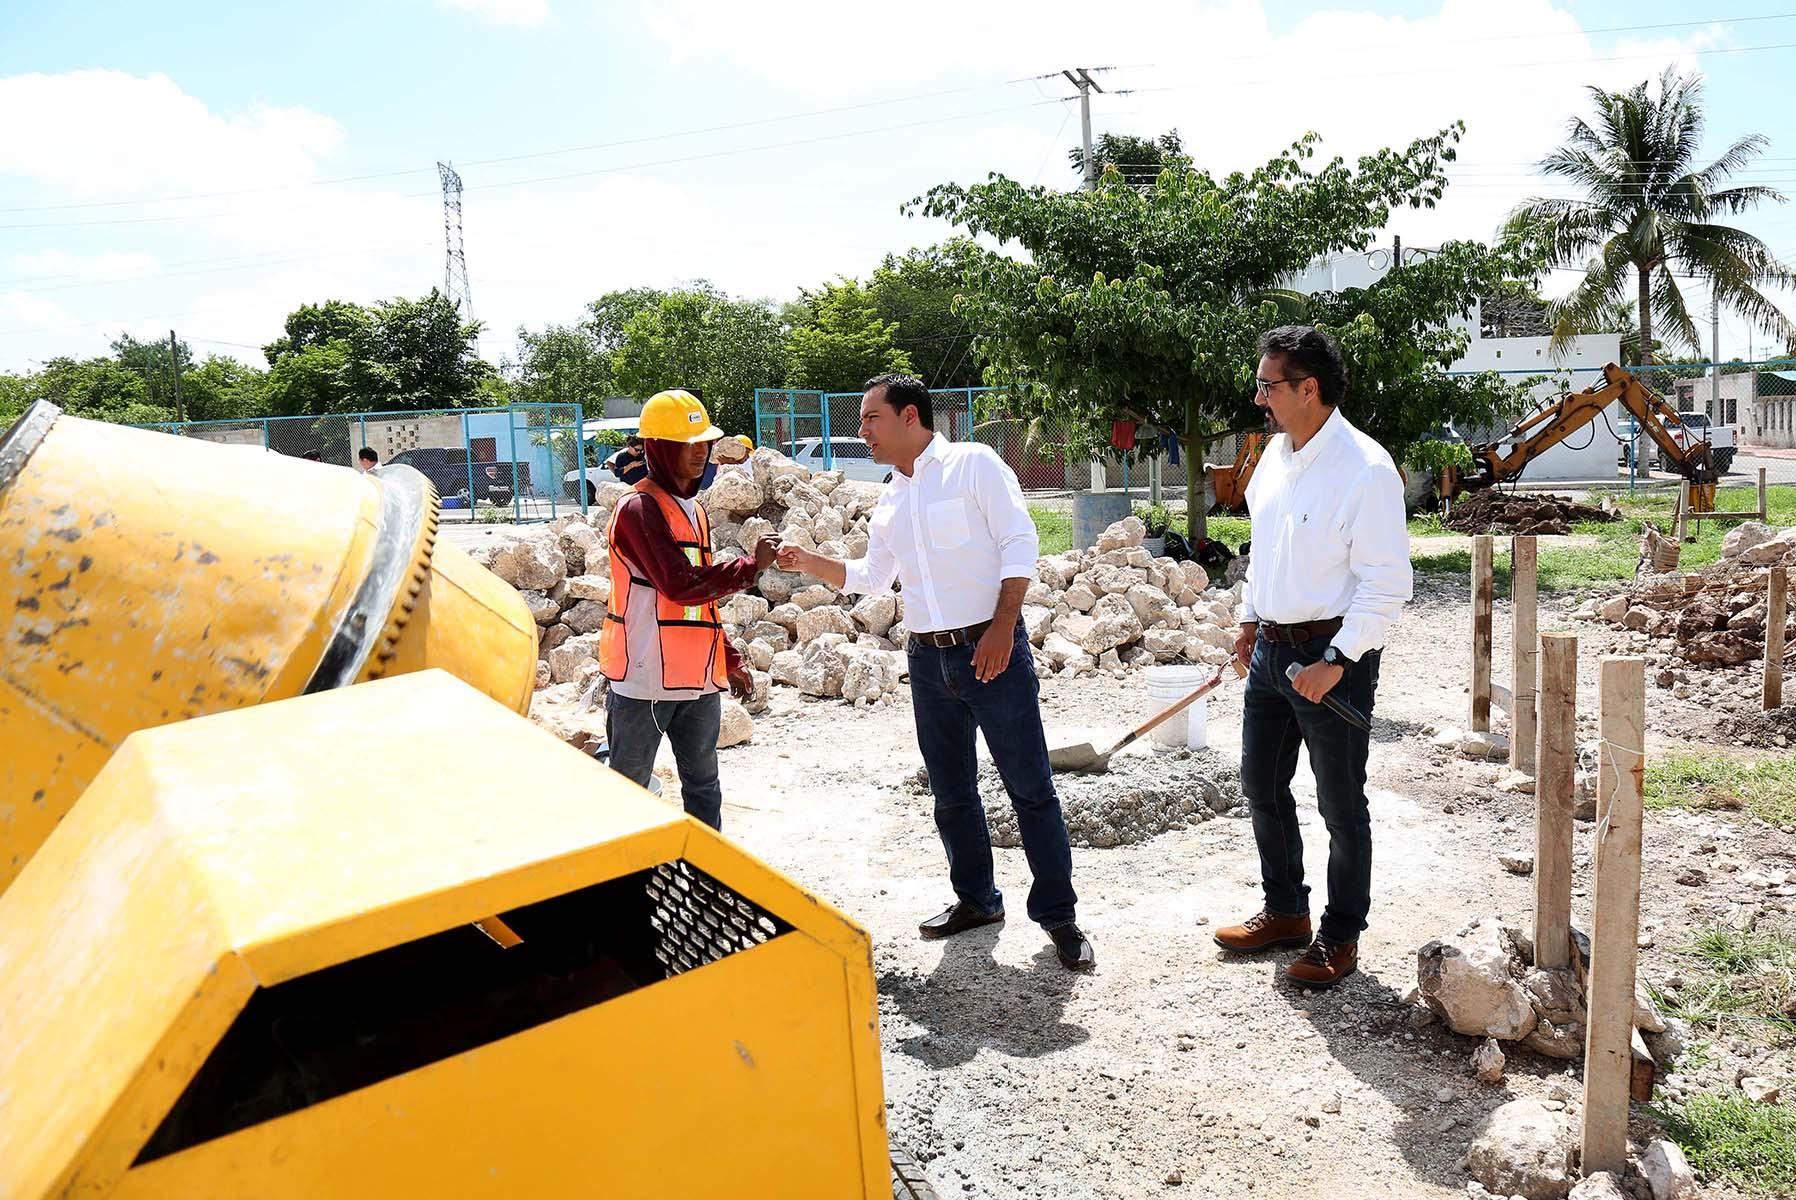 Proyecta Mérida 'inversión histórica' este año